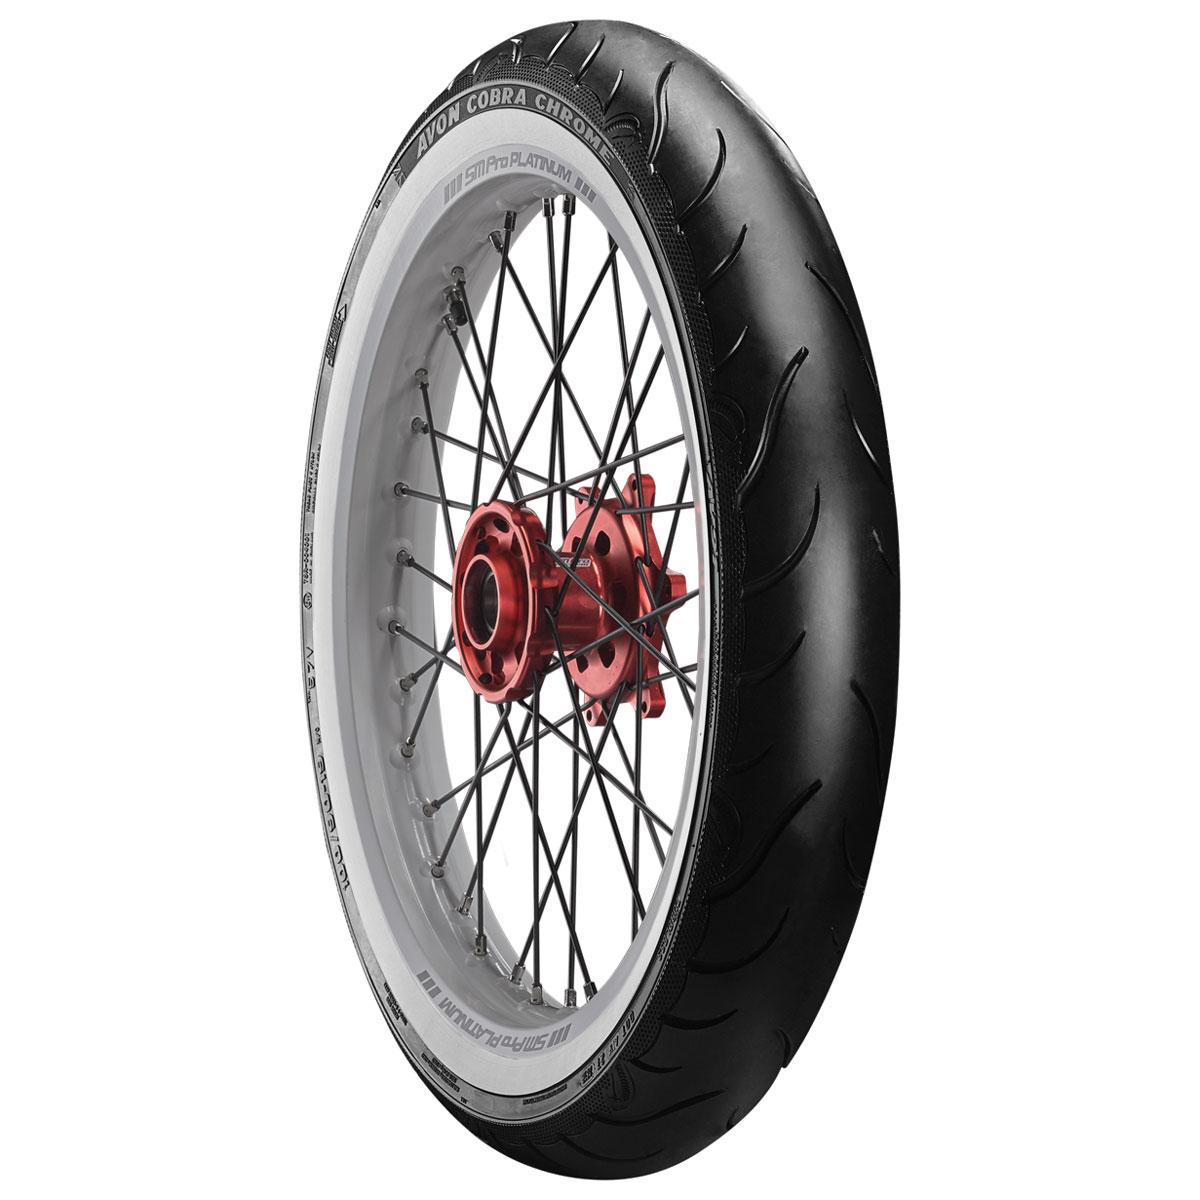 Avon AV91 Cobra Chrome 130/60VR23 Wide Whitewall Front Tire